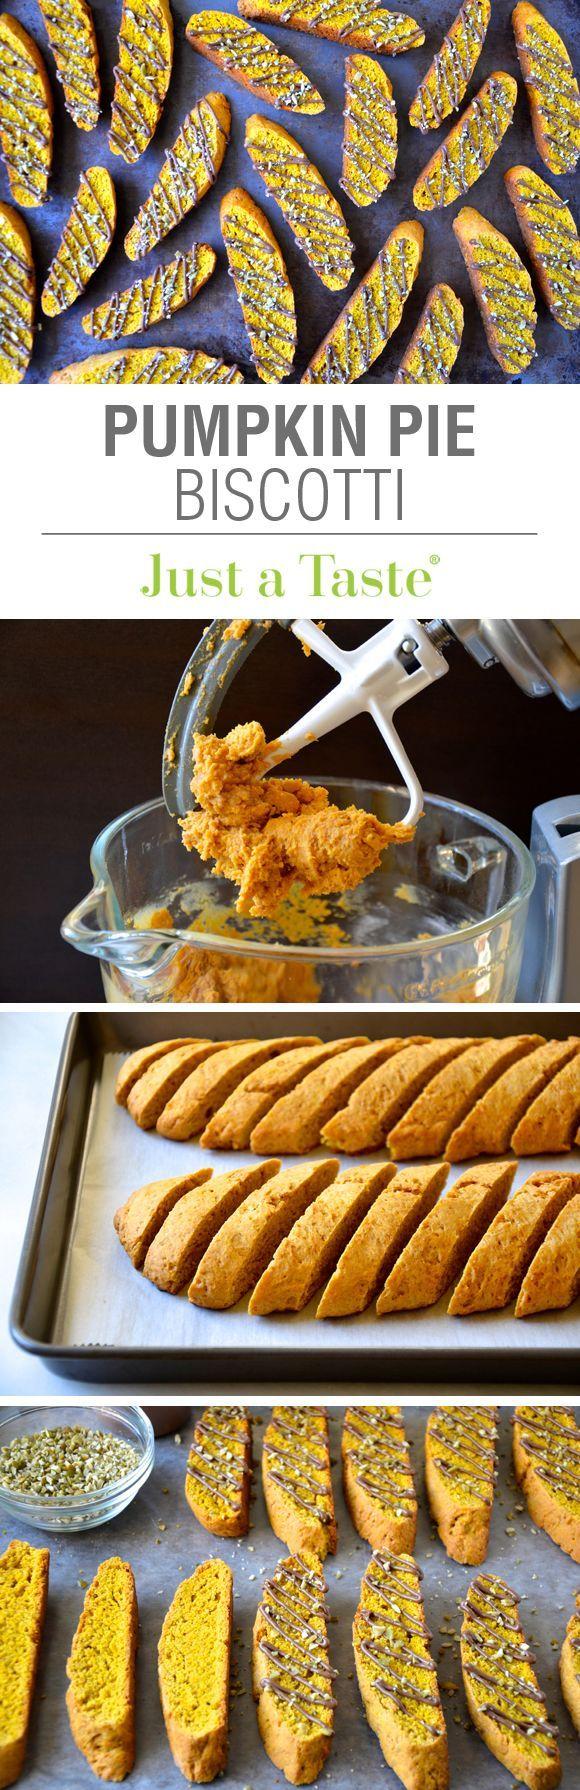 Pumpkin Pie Biscotti #recipe via http://justataste.com